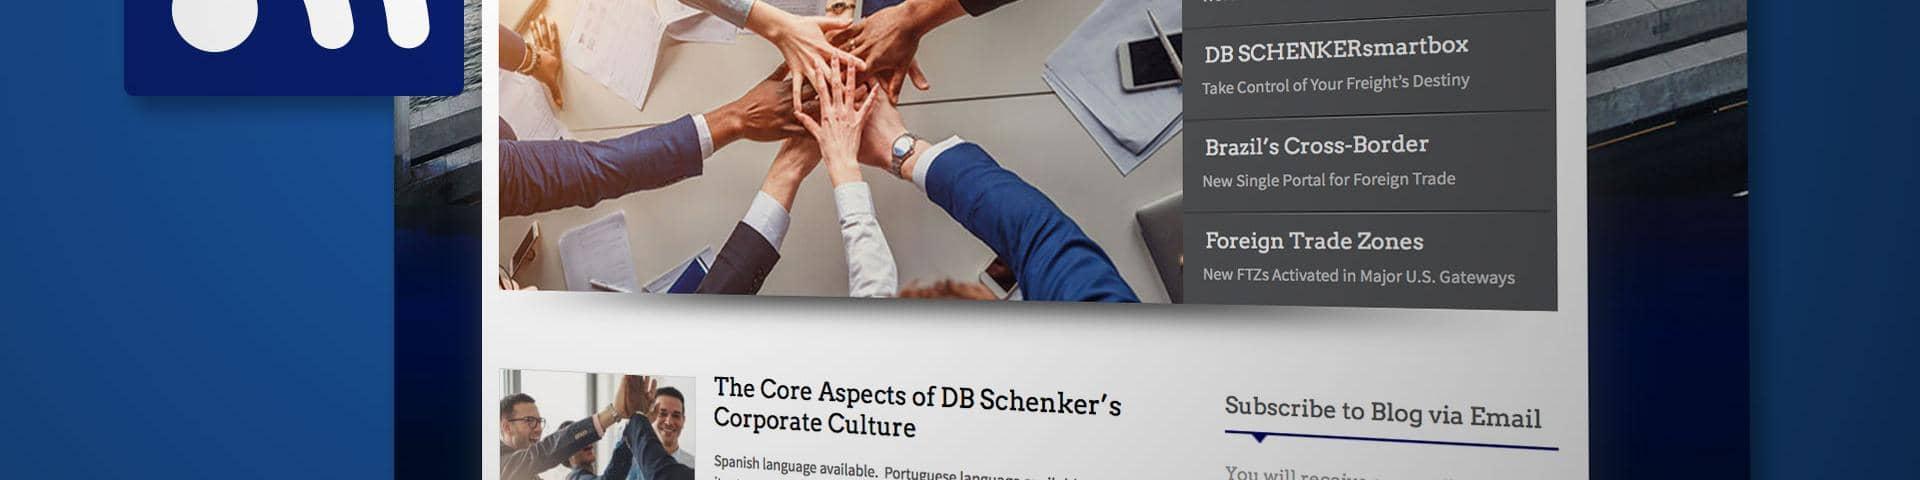 Dangerous Goods | DB Schenker